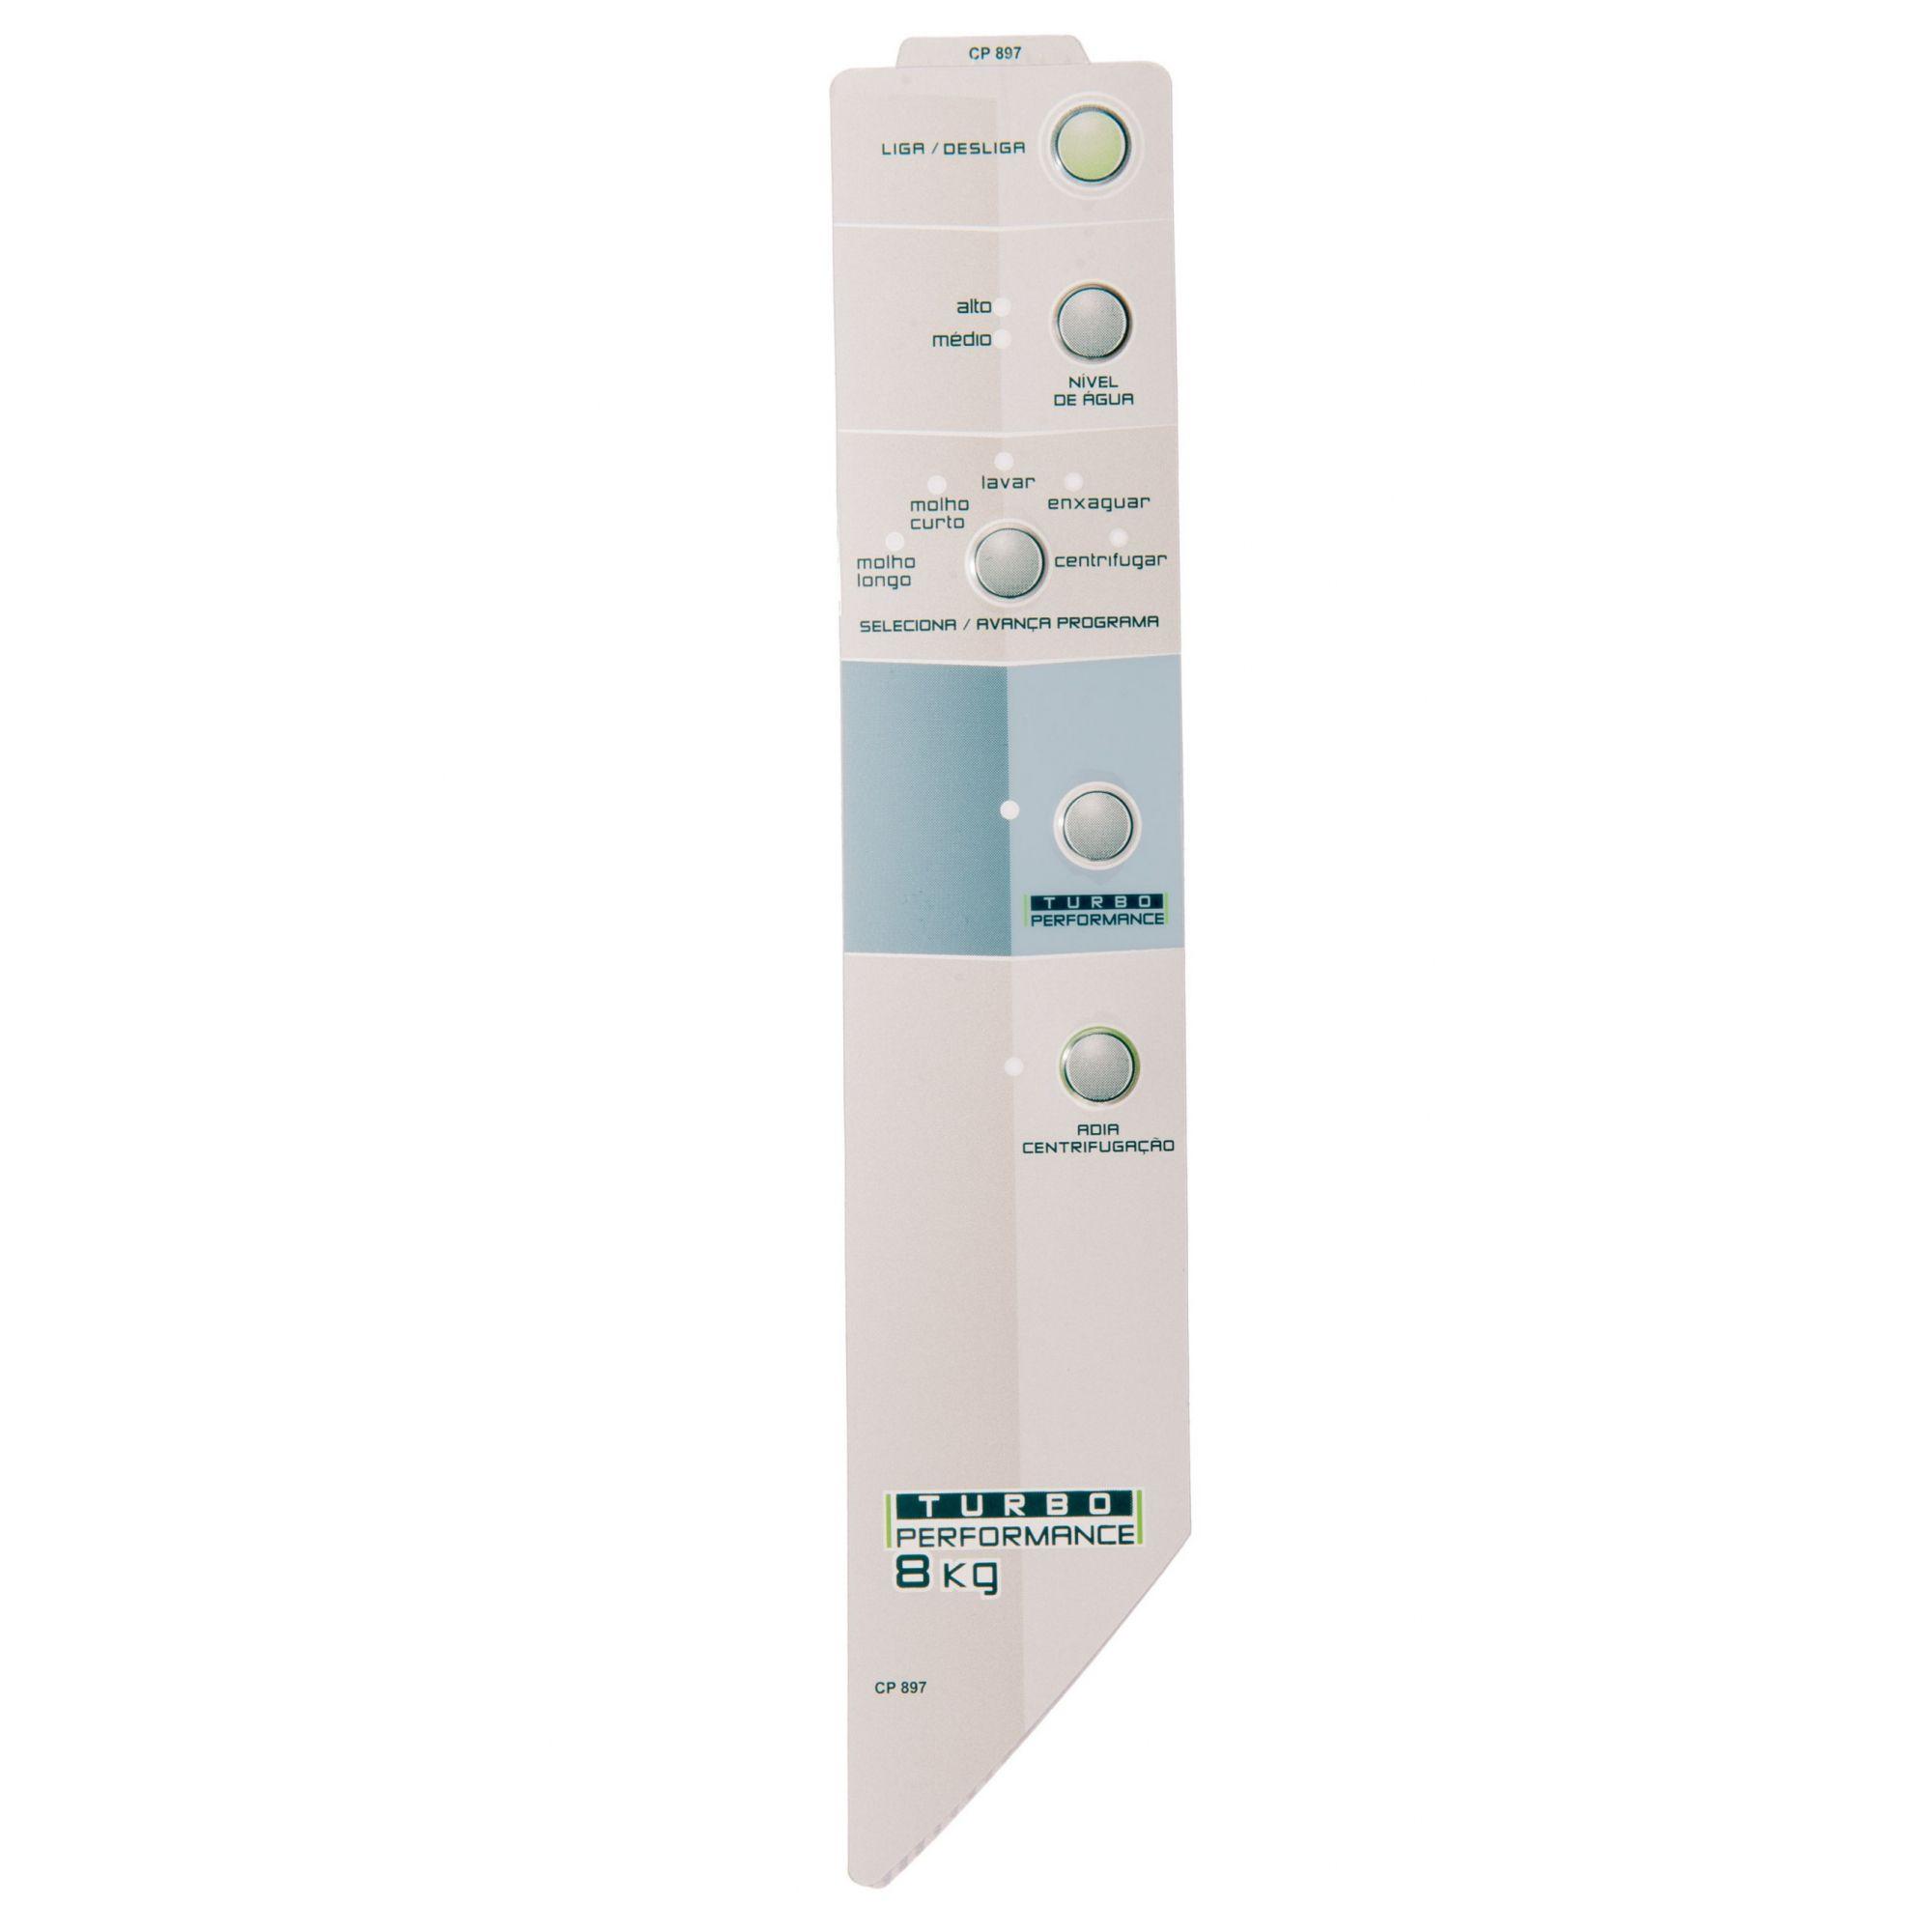 Painel Decorativo Compatível Lavadora BWF08B Turbo 8Kg Velazquez Direito 326040915-CP0897